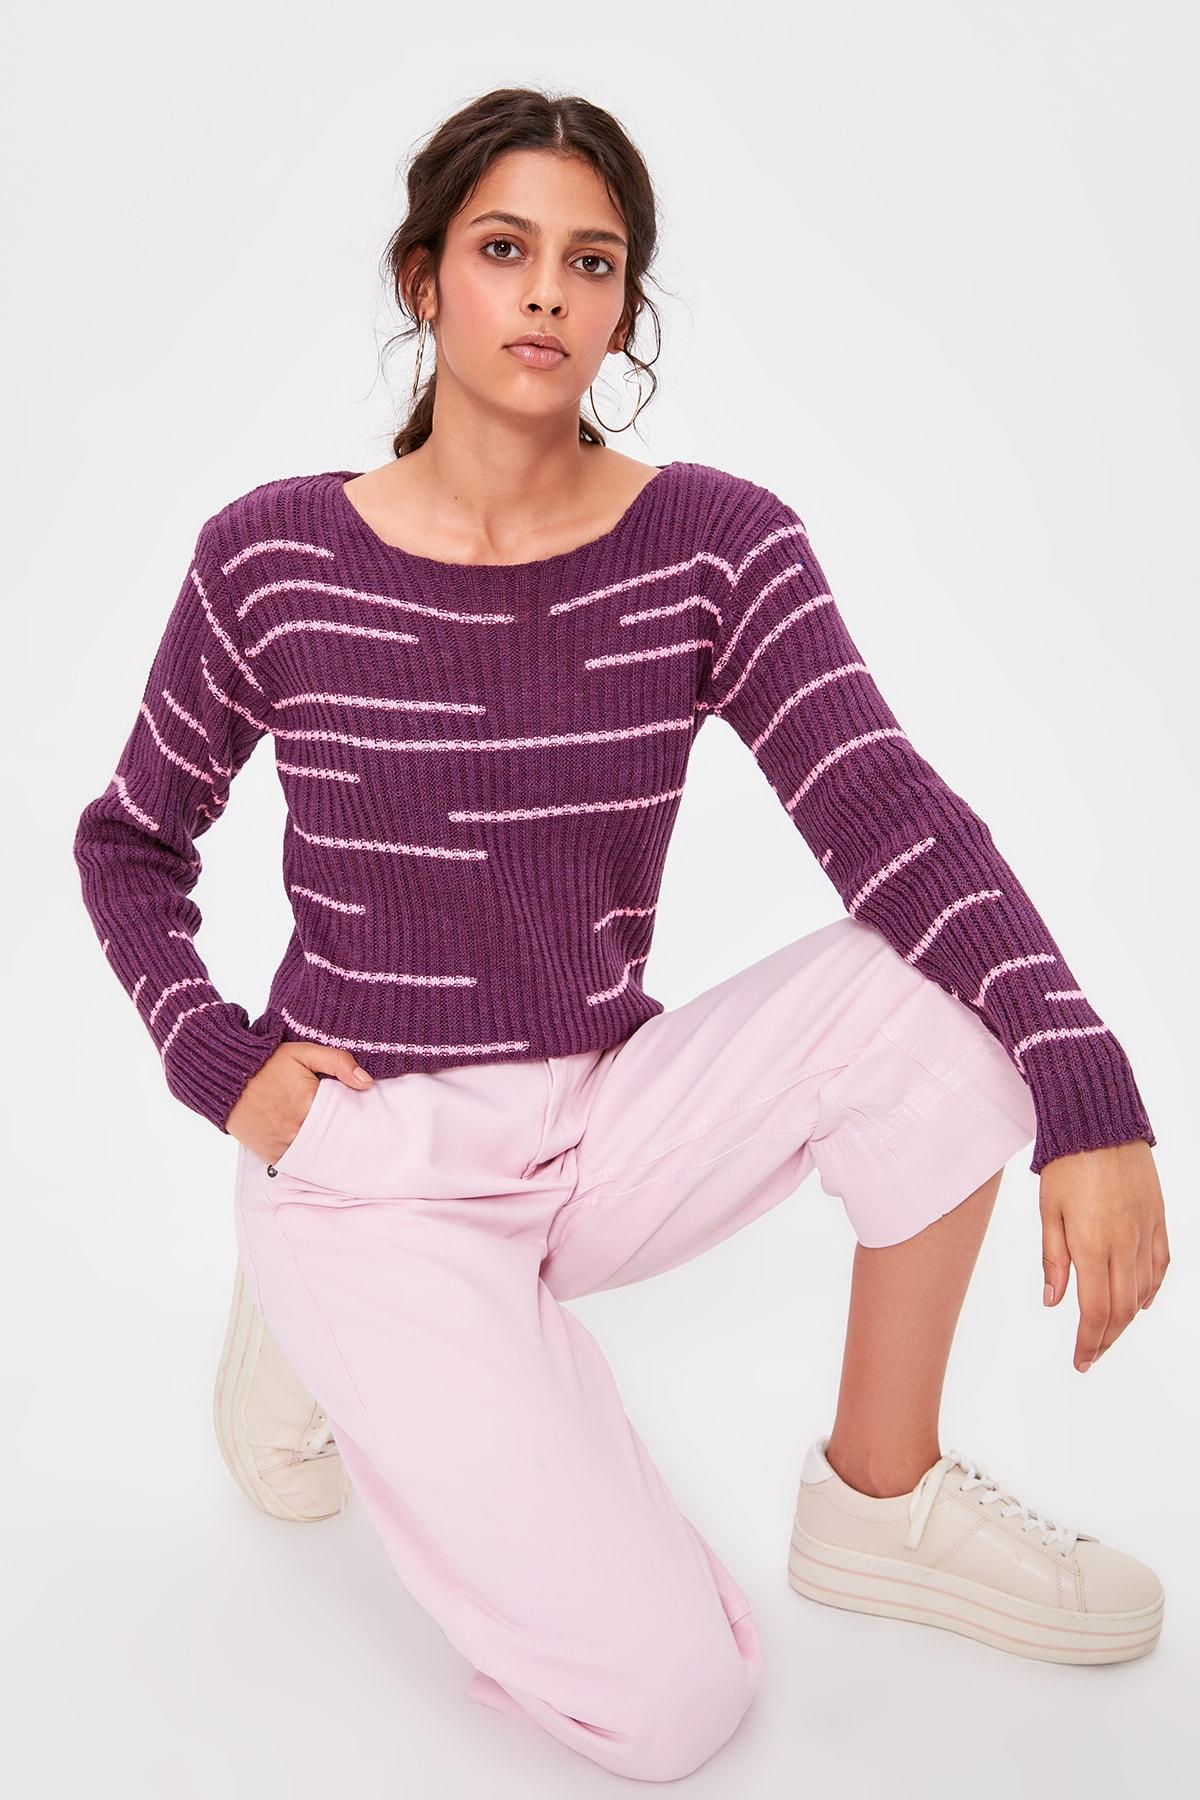 Trendyol Damson Striped Knitwear Sweater TWOAW20KZ0440